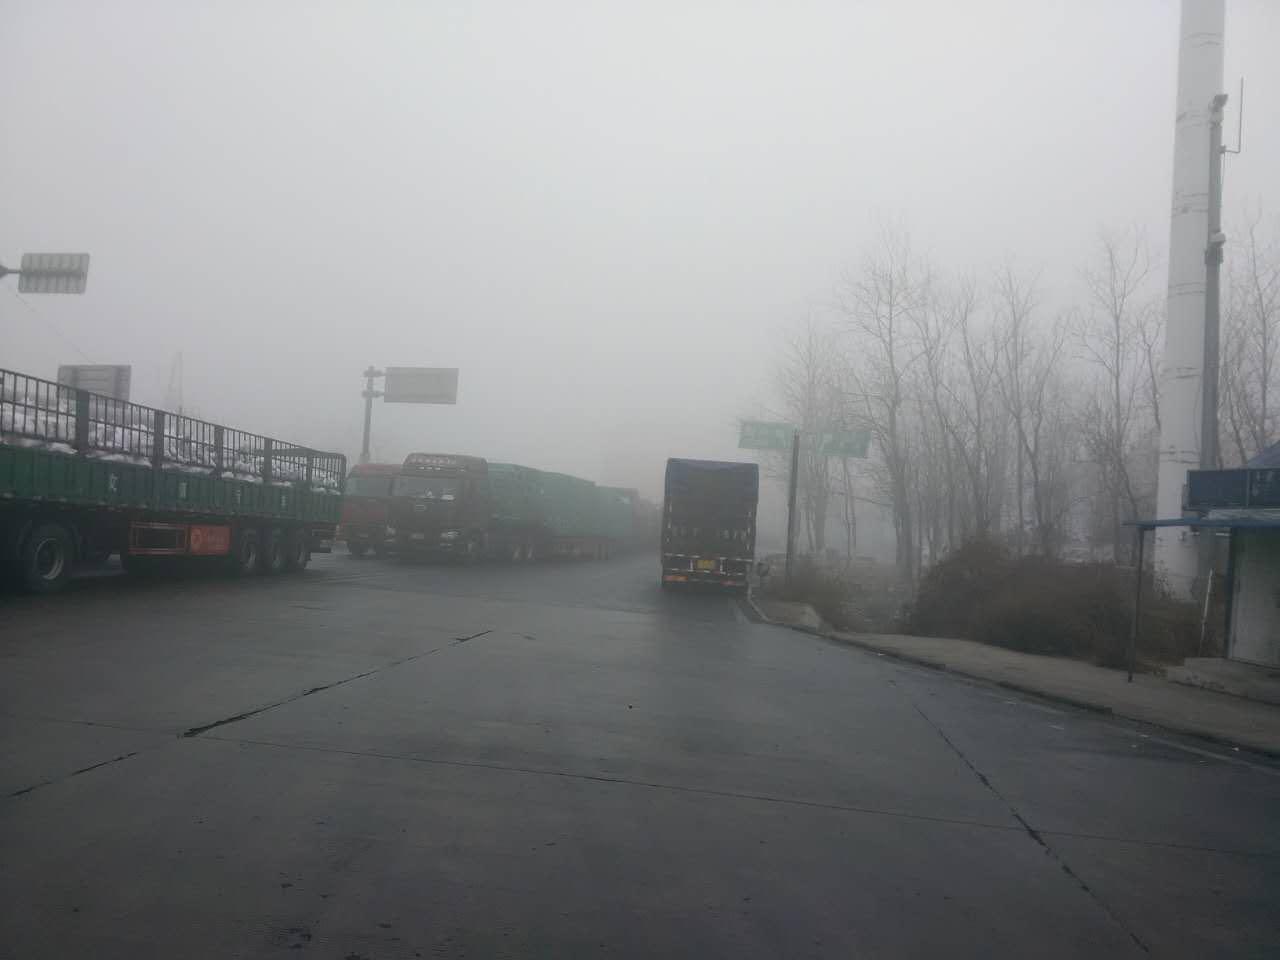 截至目前盘锦,锦州,朝阳,葫芦岛,阜新等地长途客运车辆部分班线